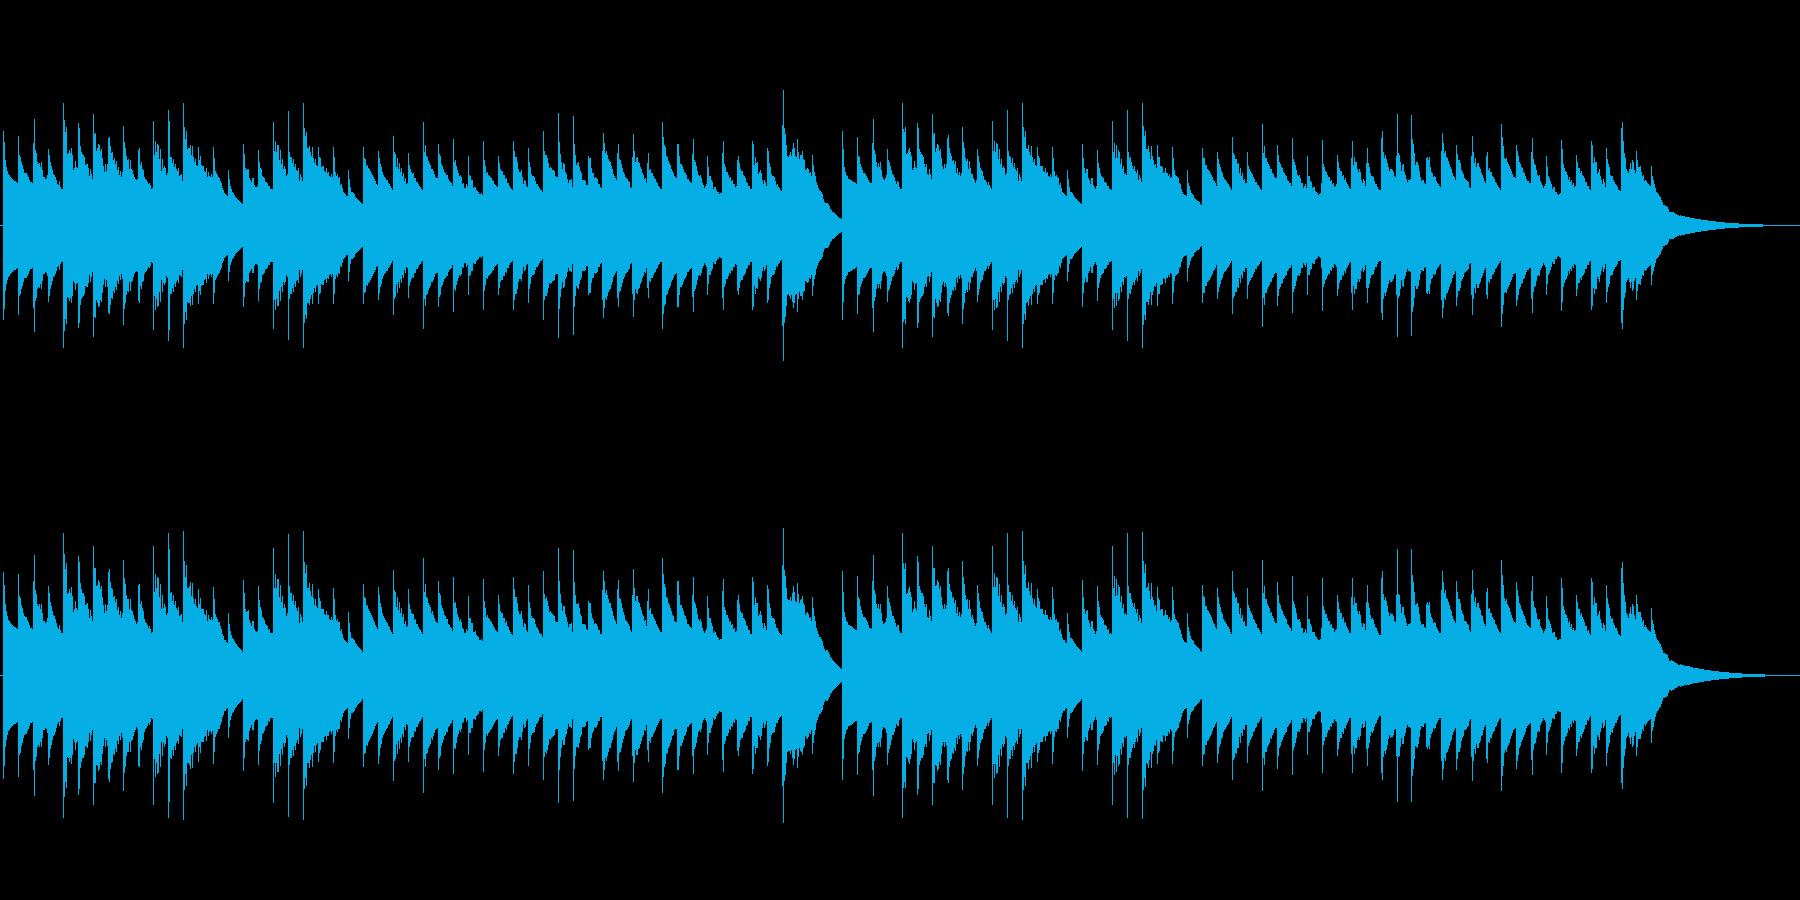 こぎつね(オルゴール)の再生済みの波形